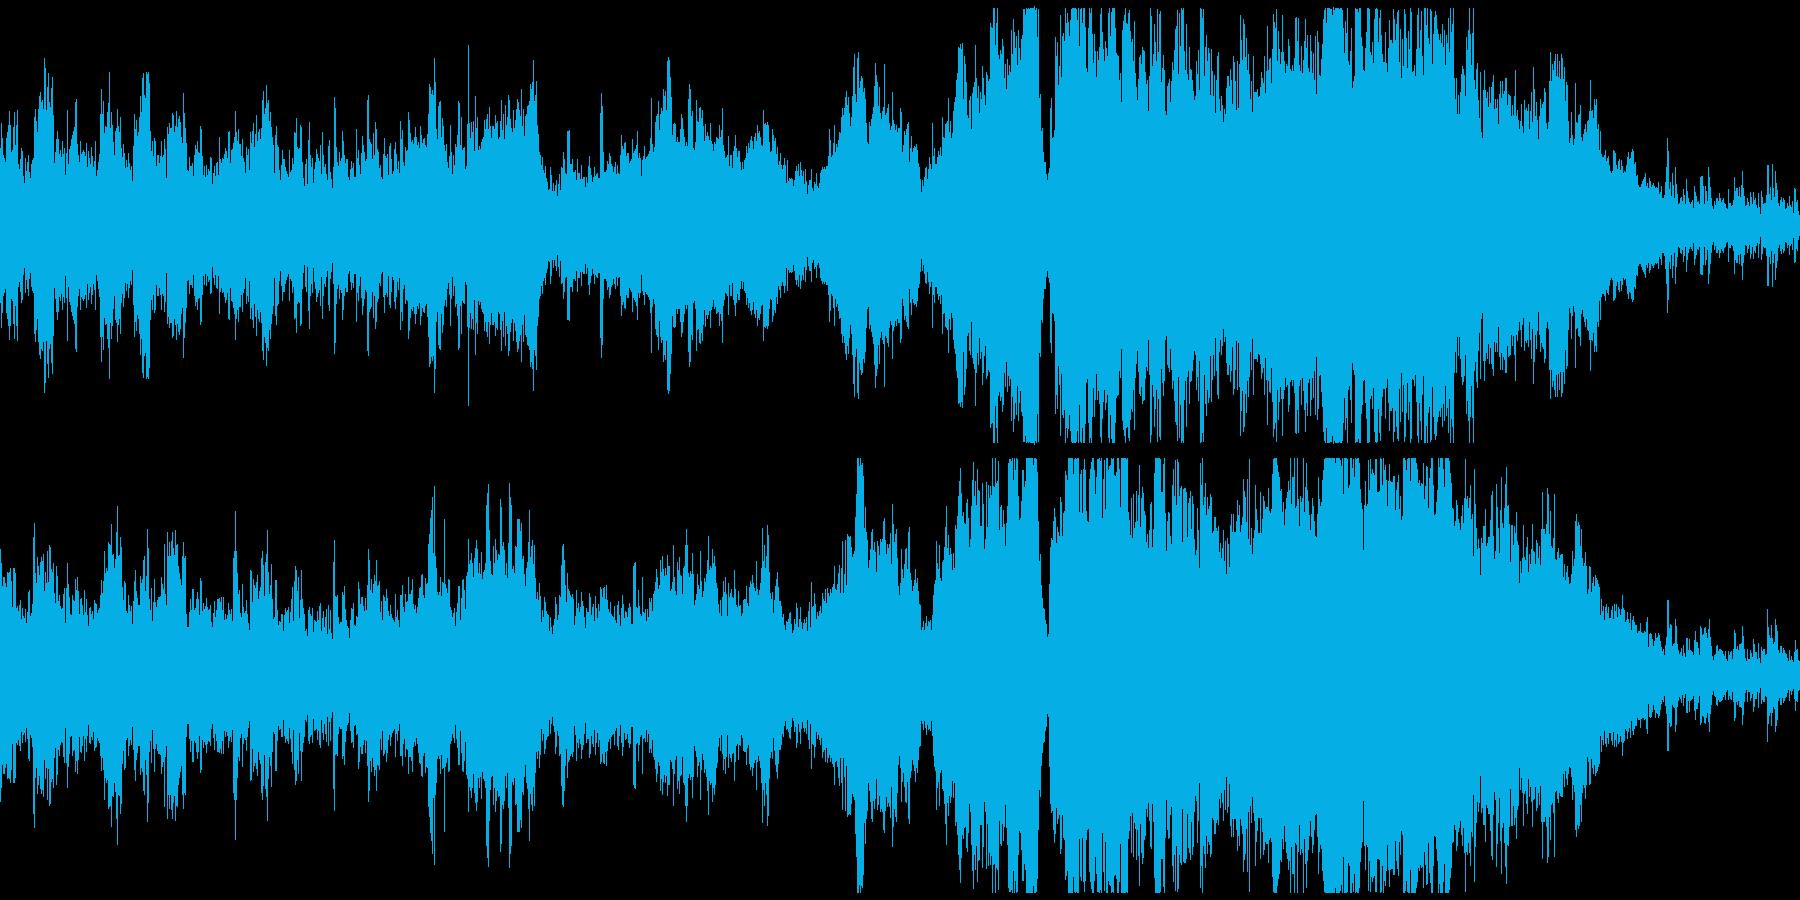 【ループ】大草原っぽい民族オーケストラの再生済みの波形